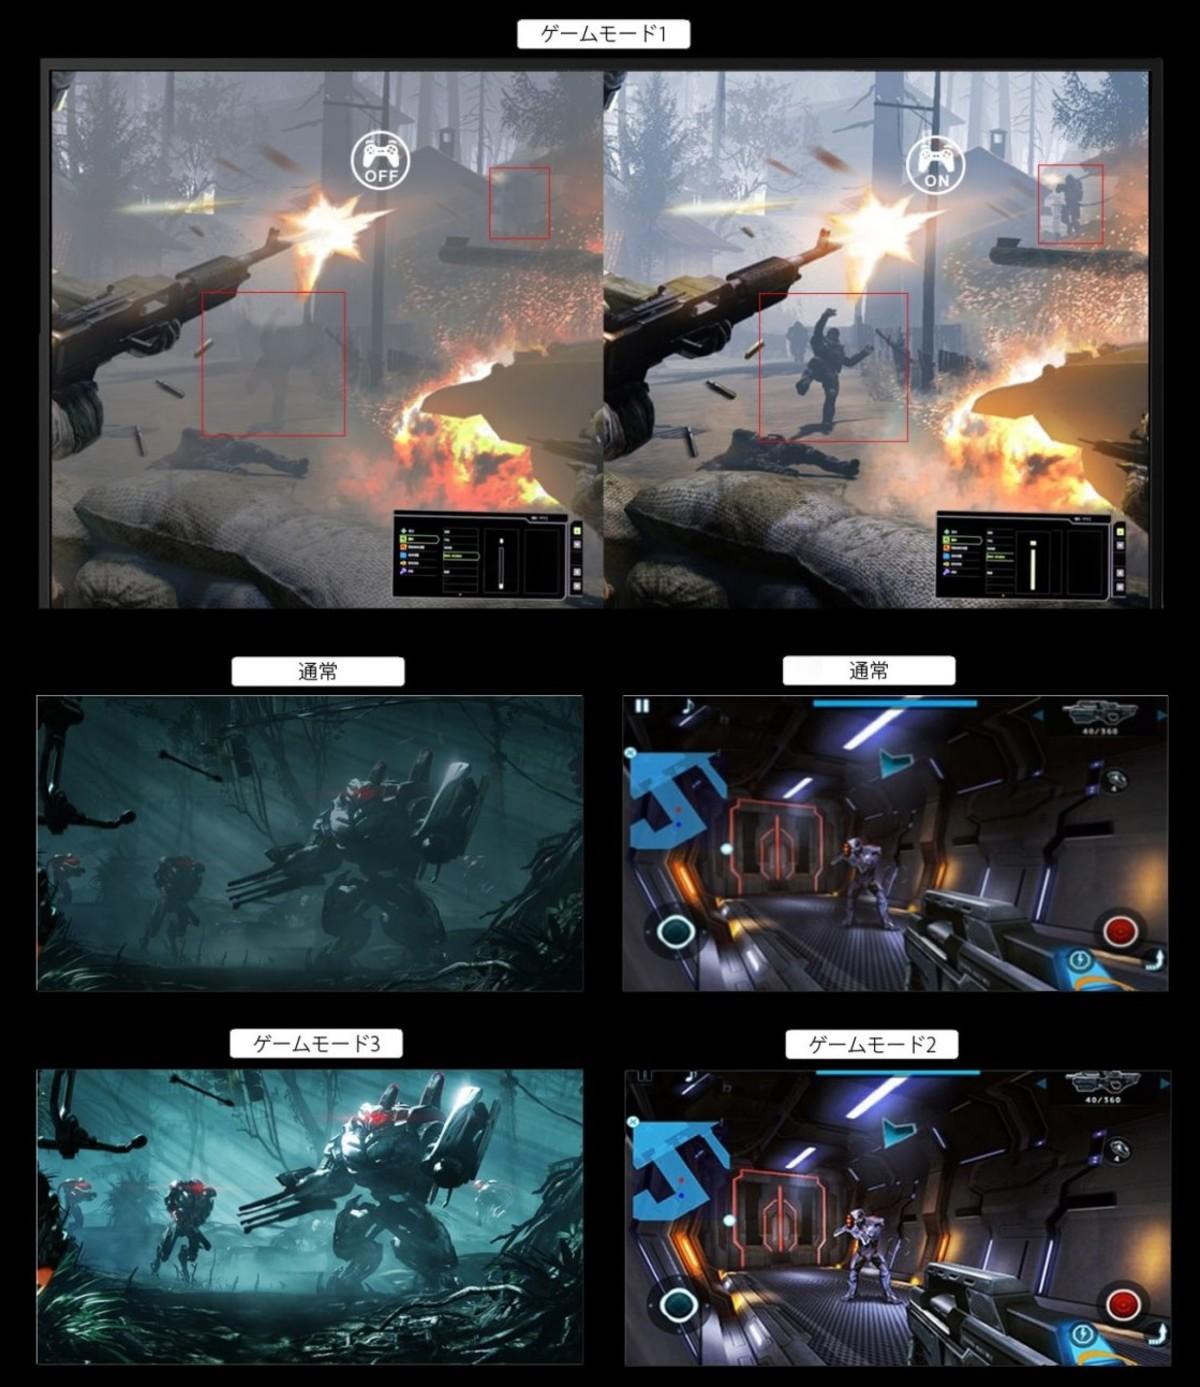 ゲームモード搭載でゲーム中の視認性を向上